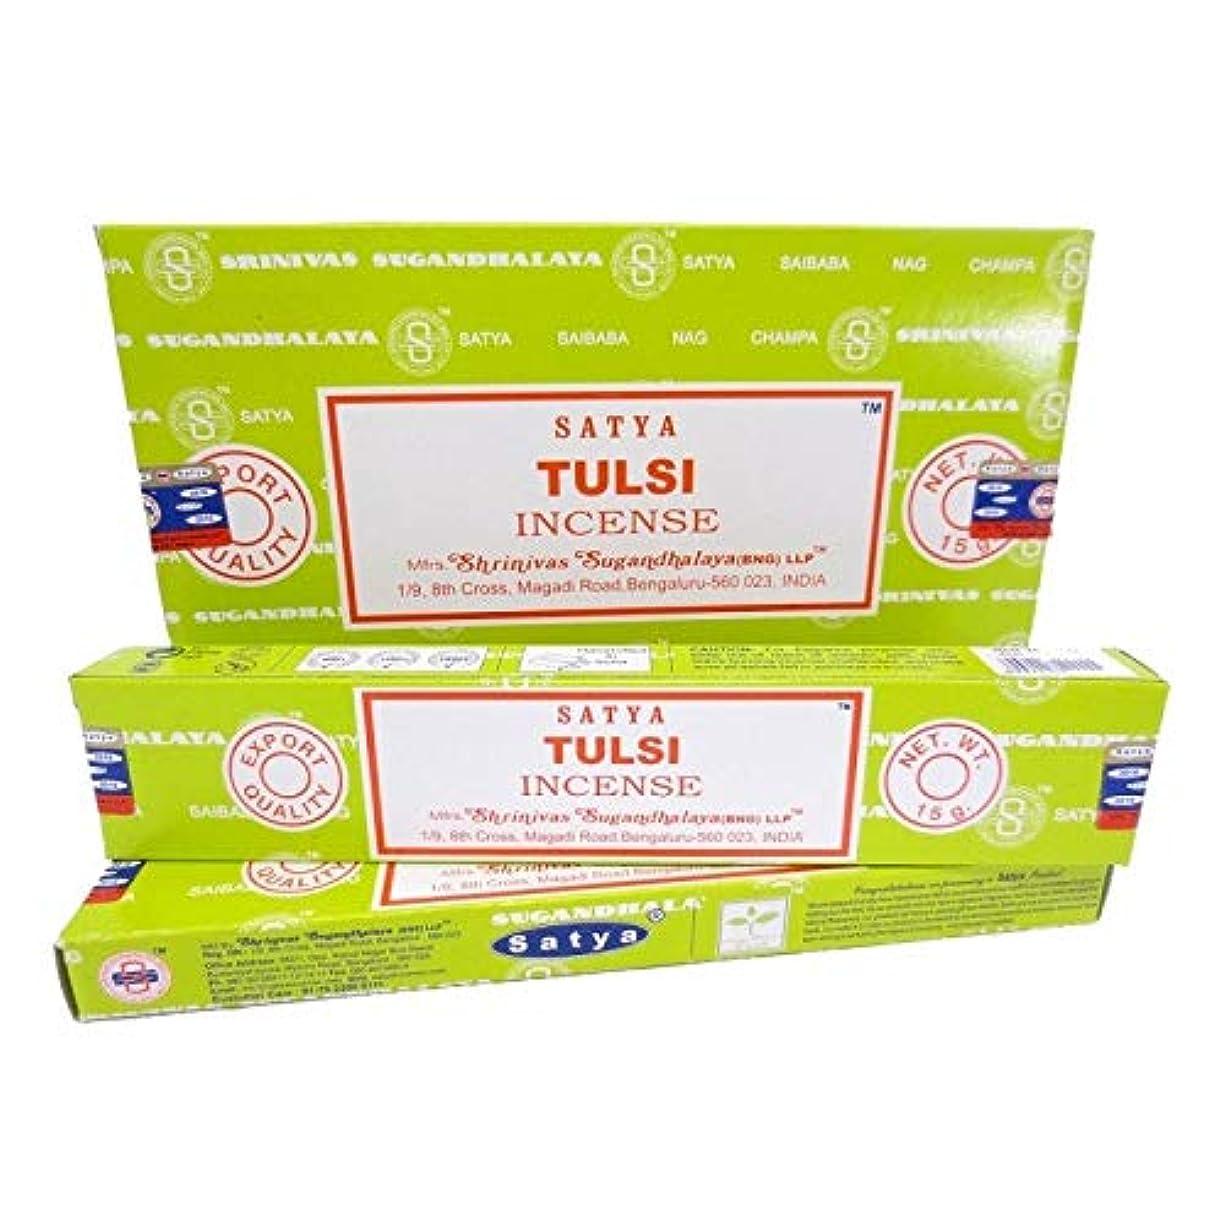 思春期の乱す原稿Satya Incense 1箱に12個の人気の香り - スティック(Tulsi)